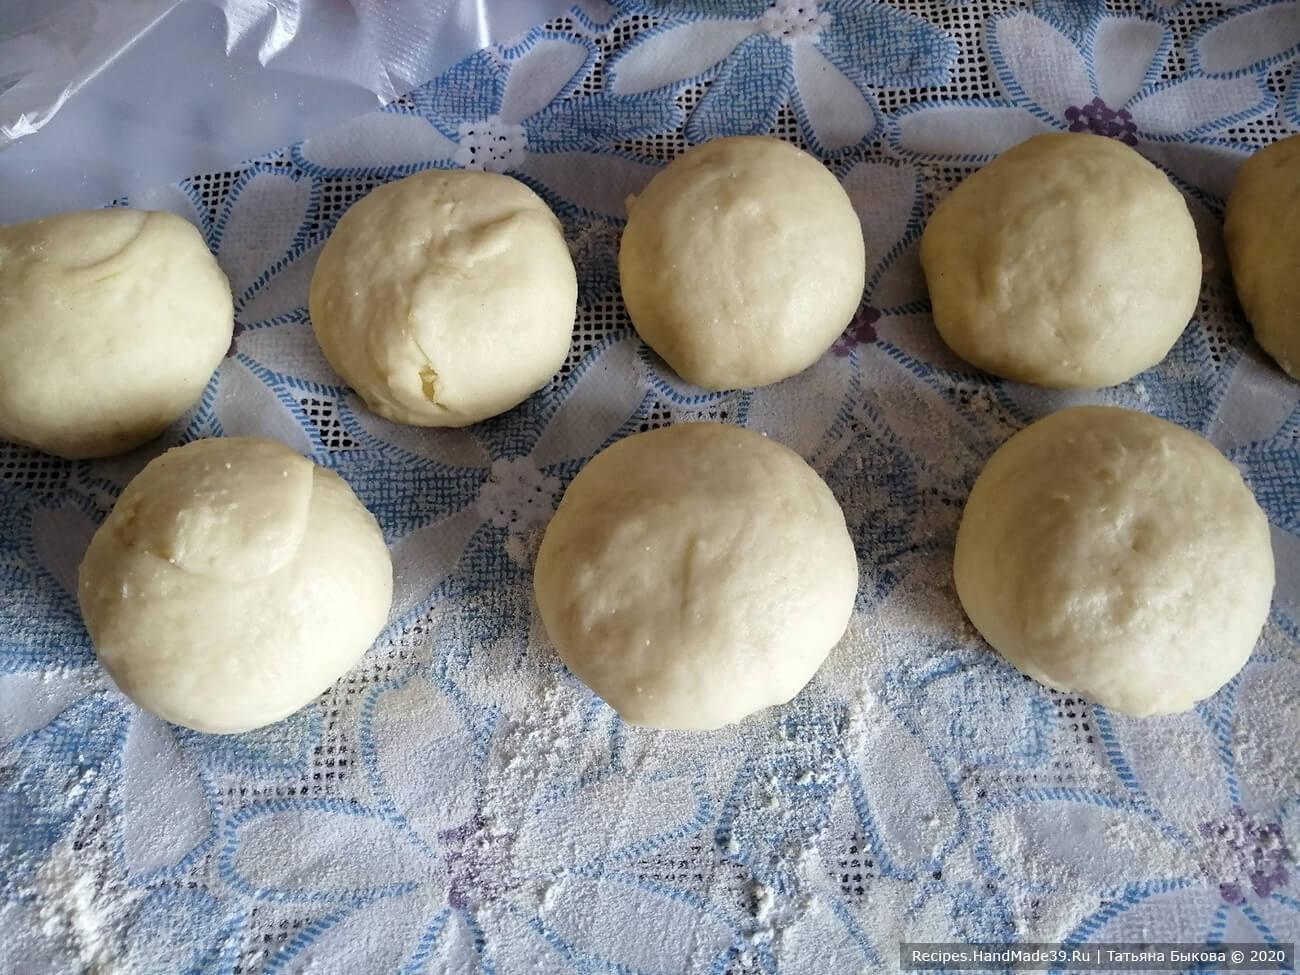 Формируем пирожки. Тесто не липнет, оно очень мягкое и эластичное. Его надо разделить на кусочки по 65-70 г